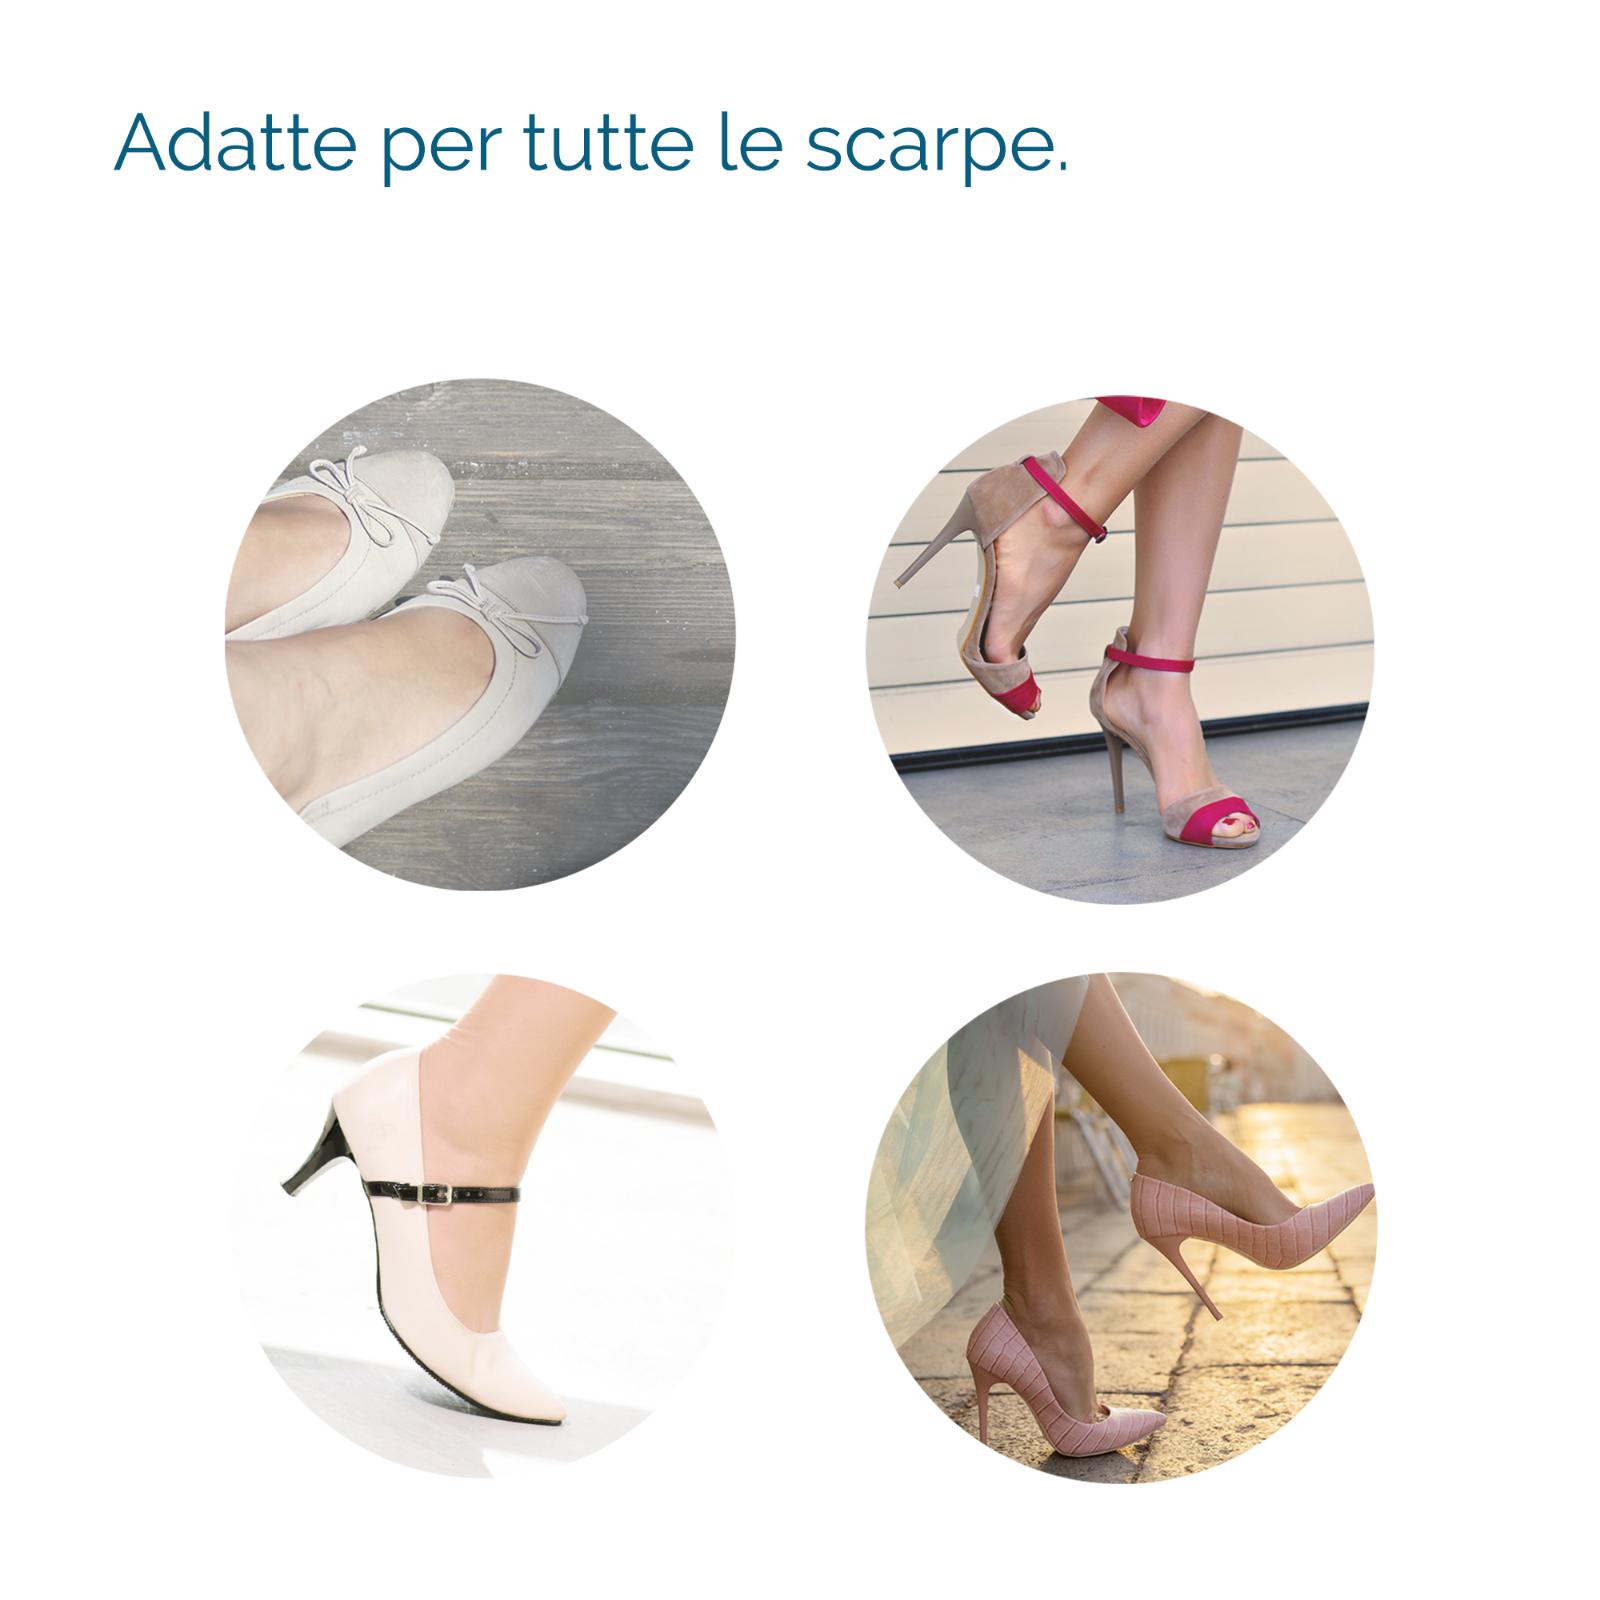 2 Solette TACCHI ALTI Donna Invisibili Pedicure SCHOLL GEL ACTIV Scarpe 6